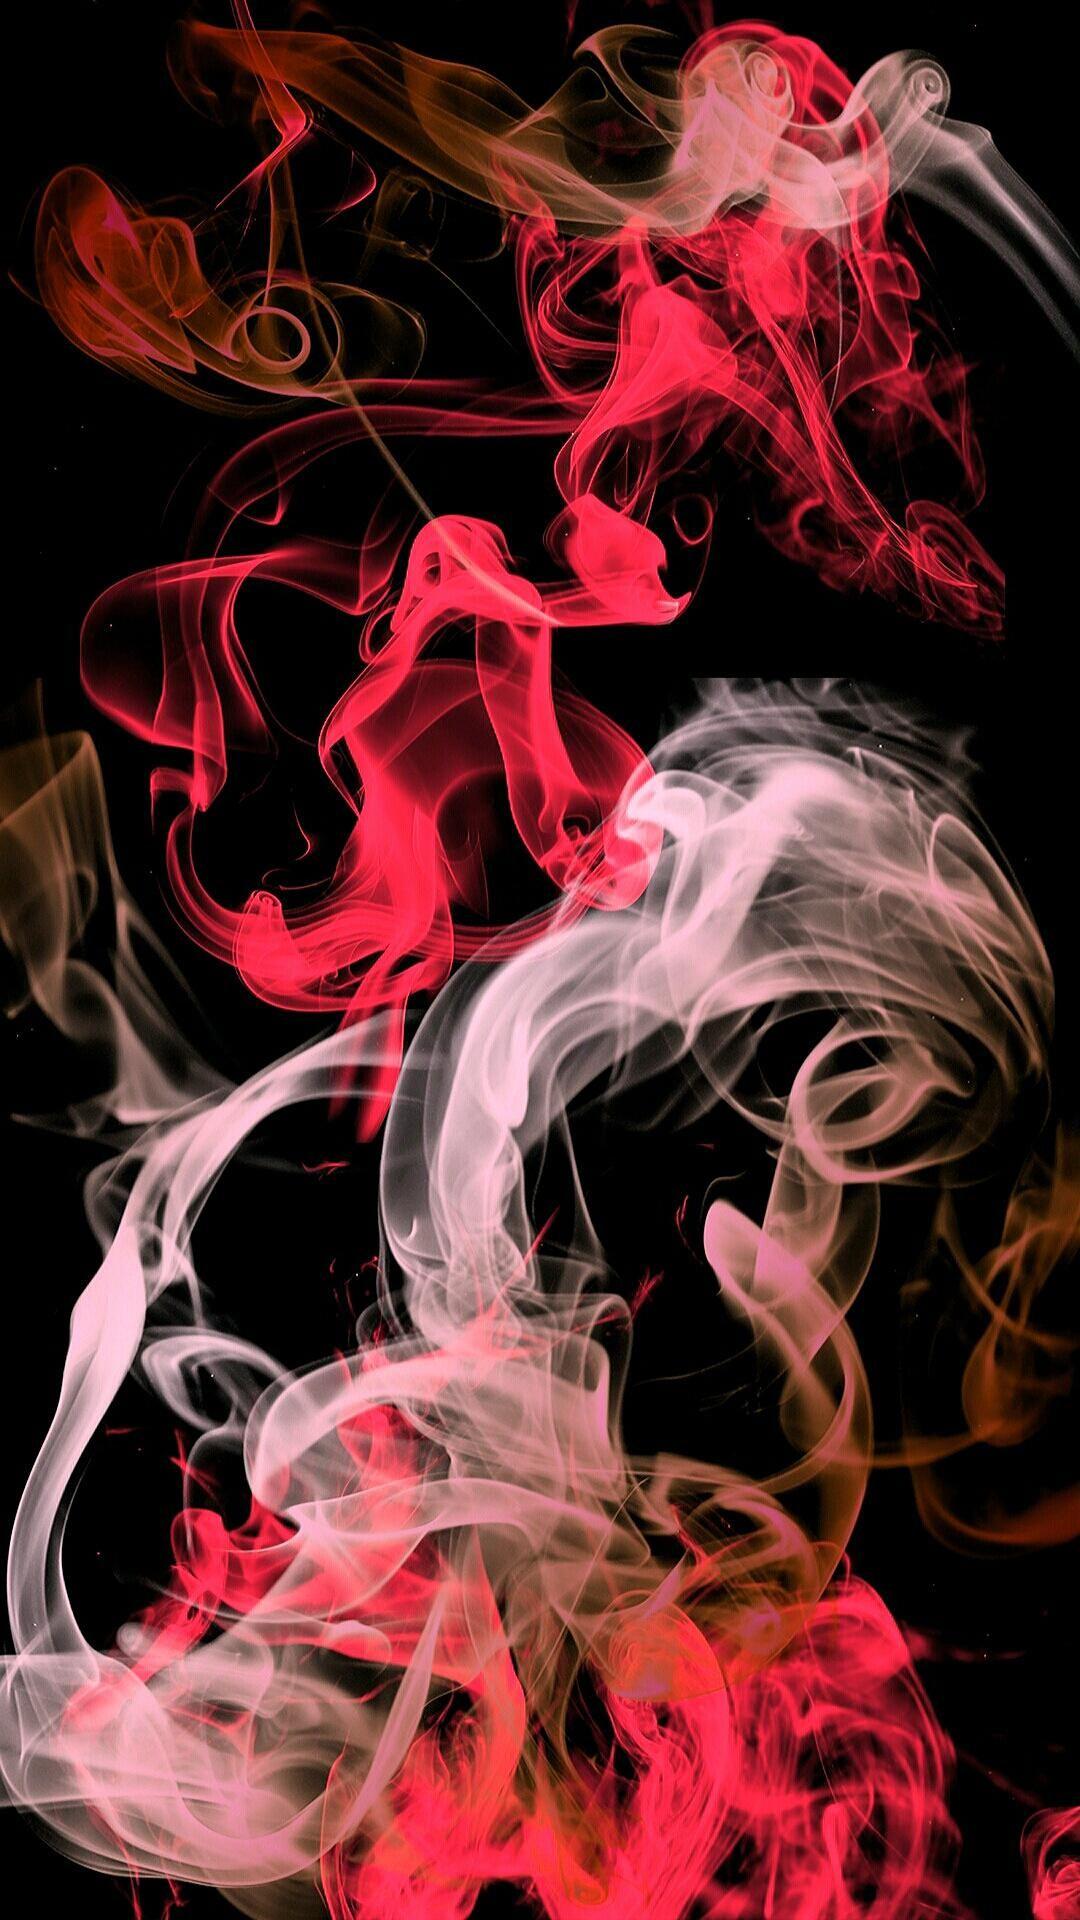 Pin by Somaya Saad on Wallpaper Iphone wallpaper smoke